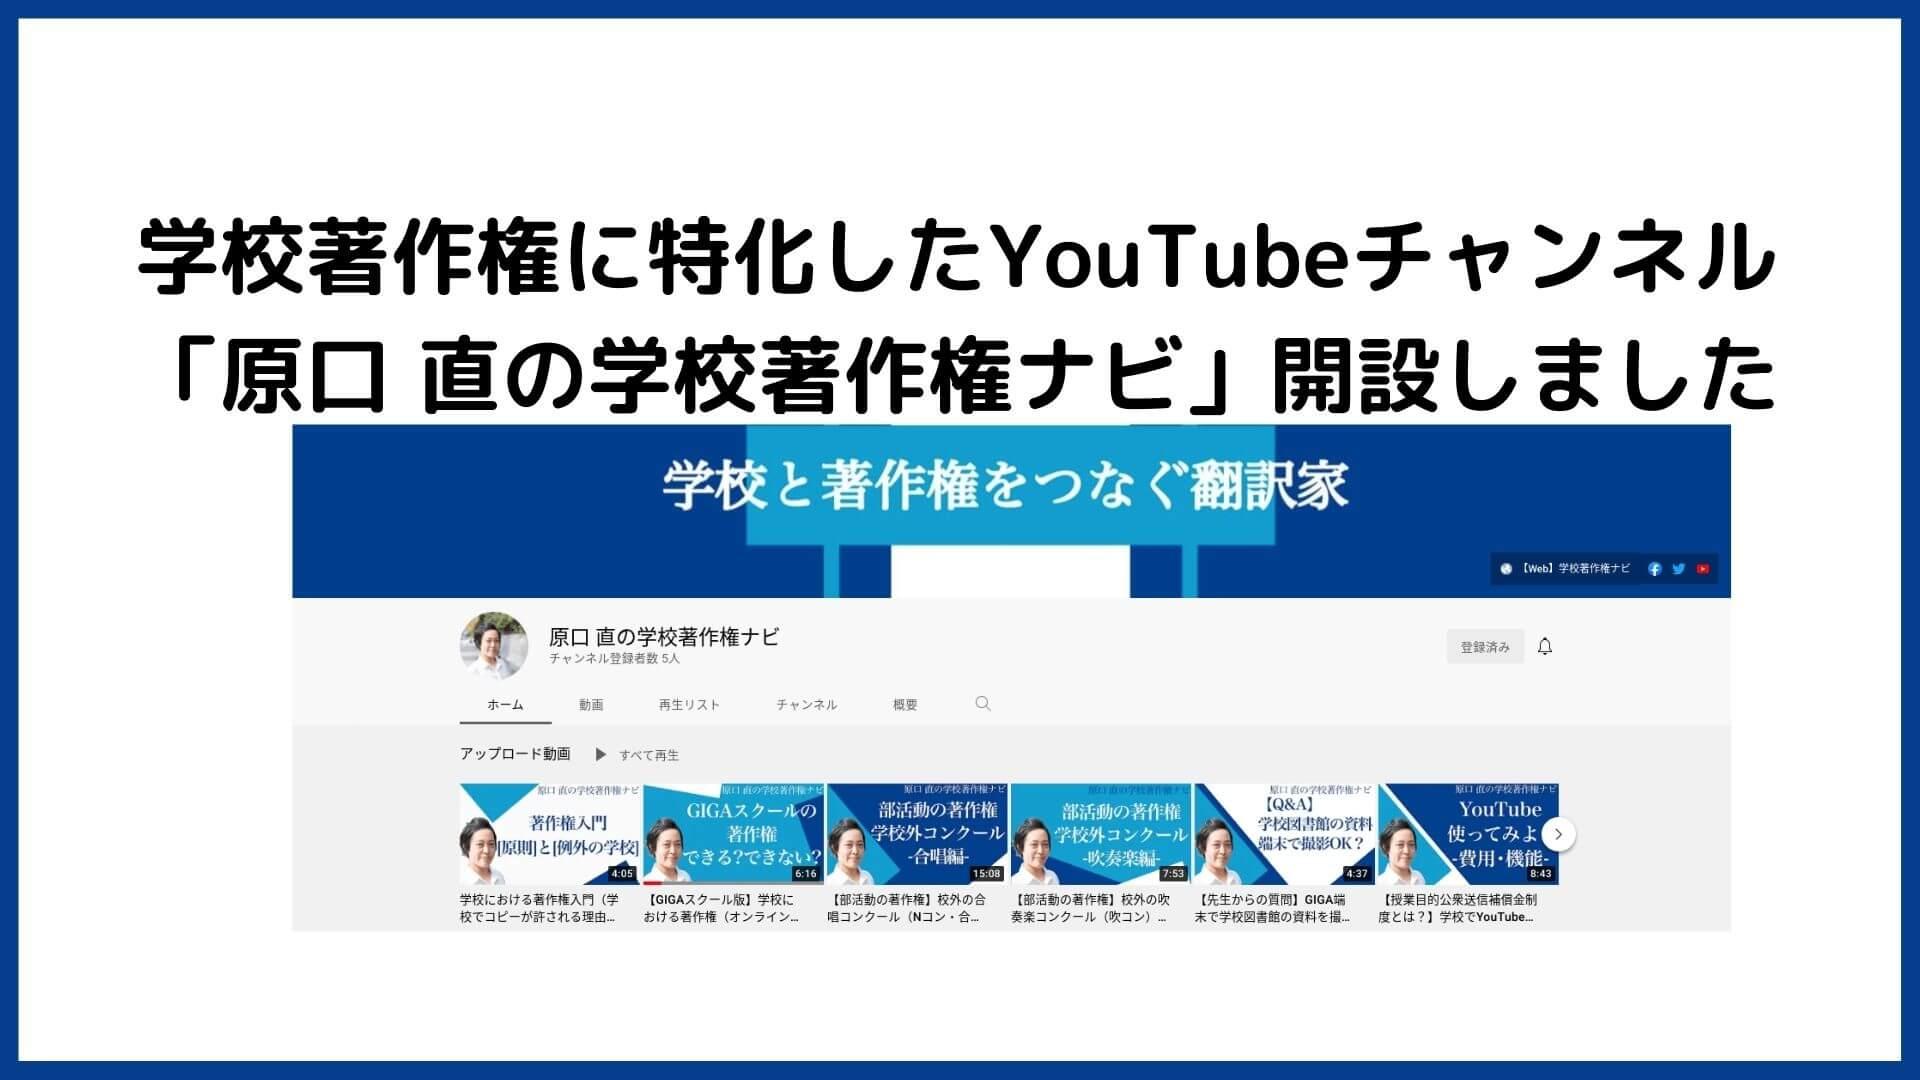 学校著作権に特化したYouTubeチャンネル「原口 直の学校著作権ナビ」開設しました